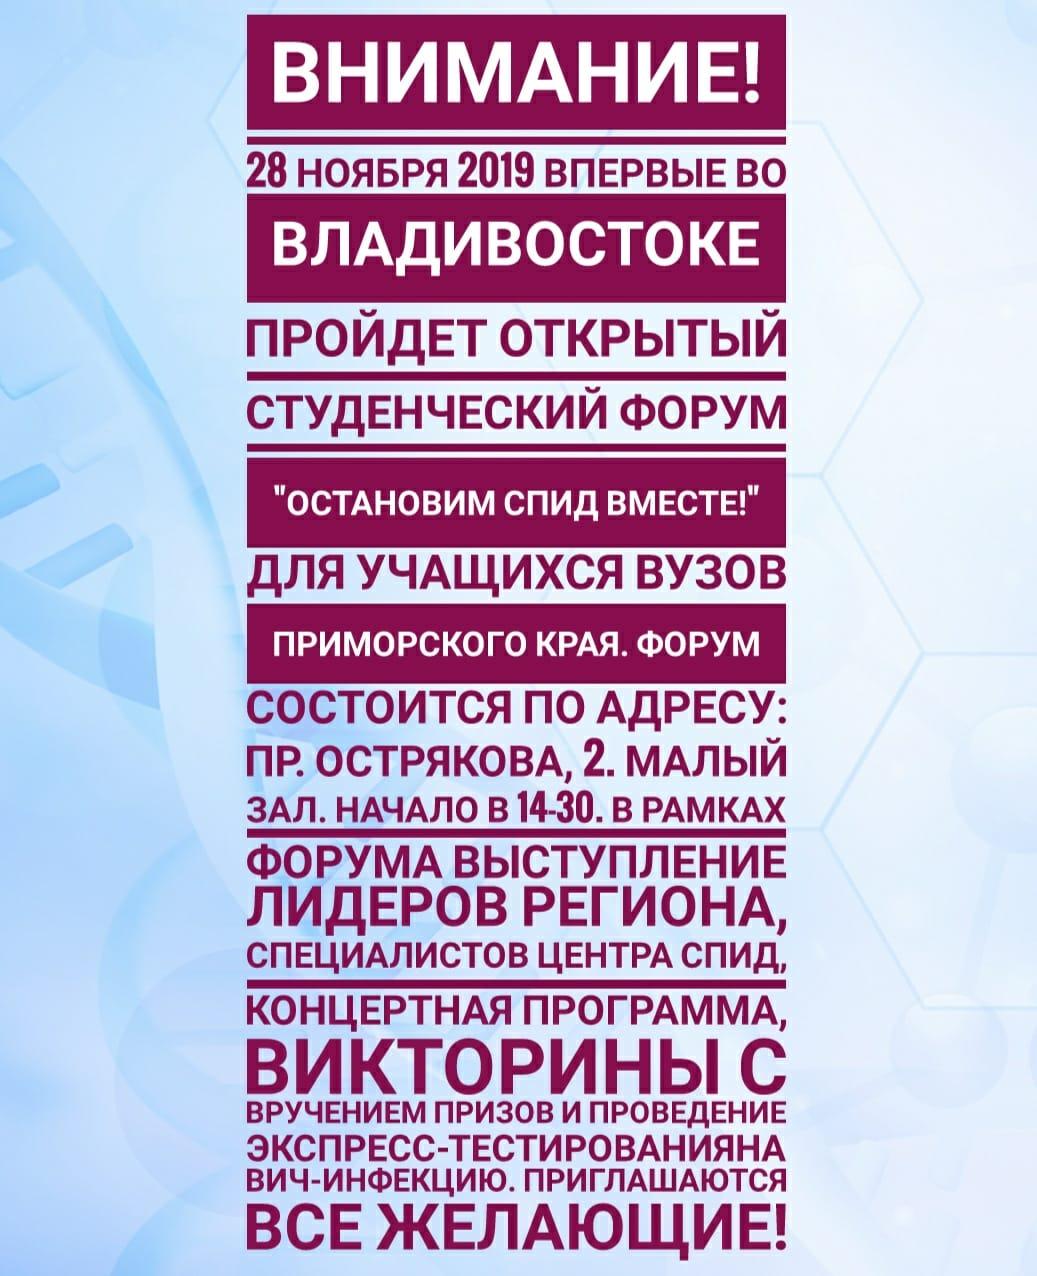 Форум «Остановим СПИД вместе!